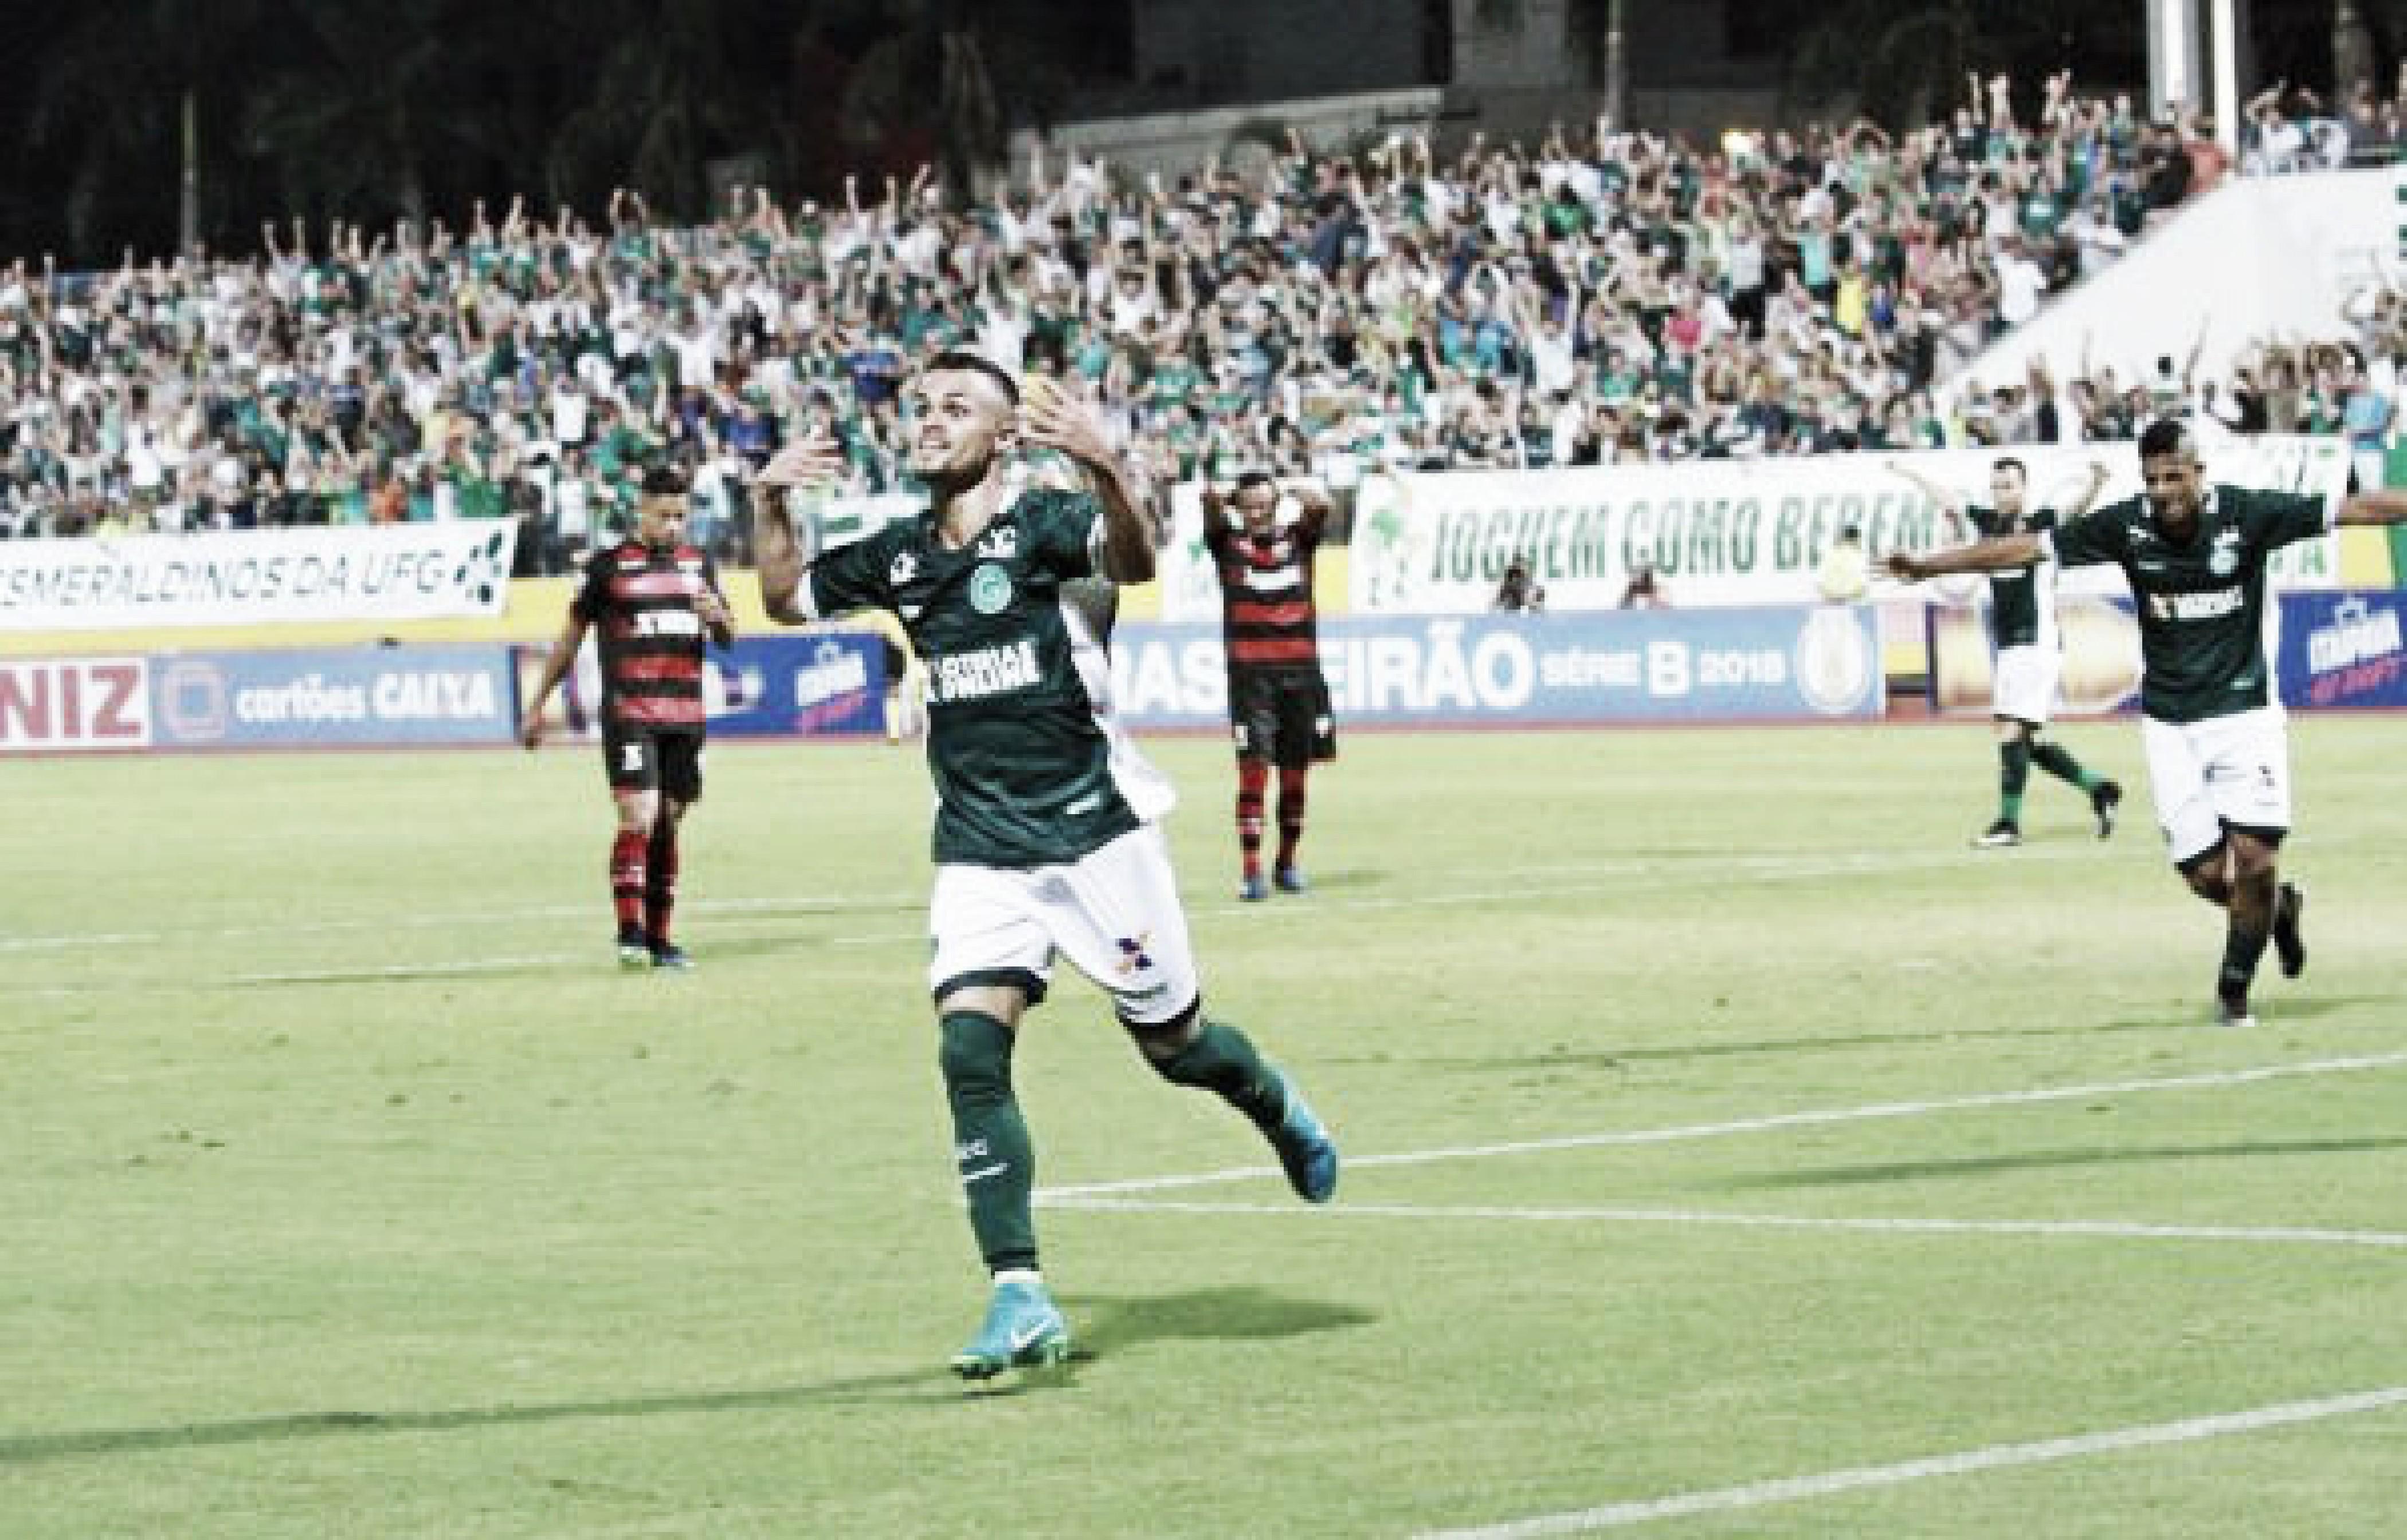 Após vitória no clássico, Ney Franco ressalta trabalho de equipe e união do Goiás